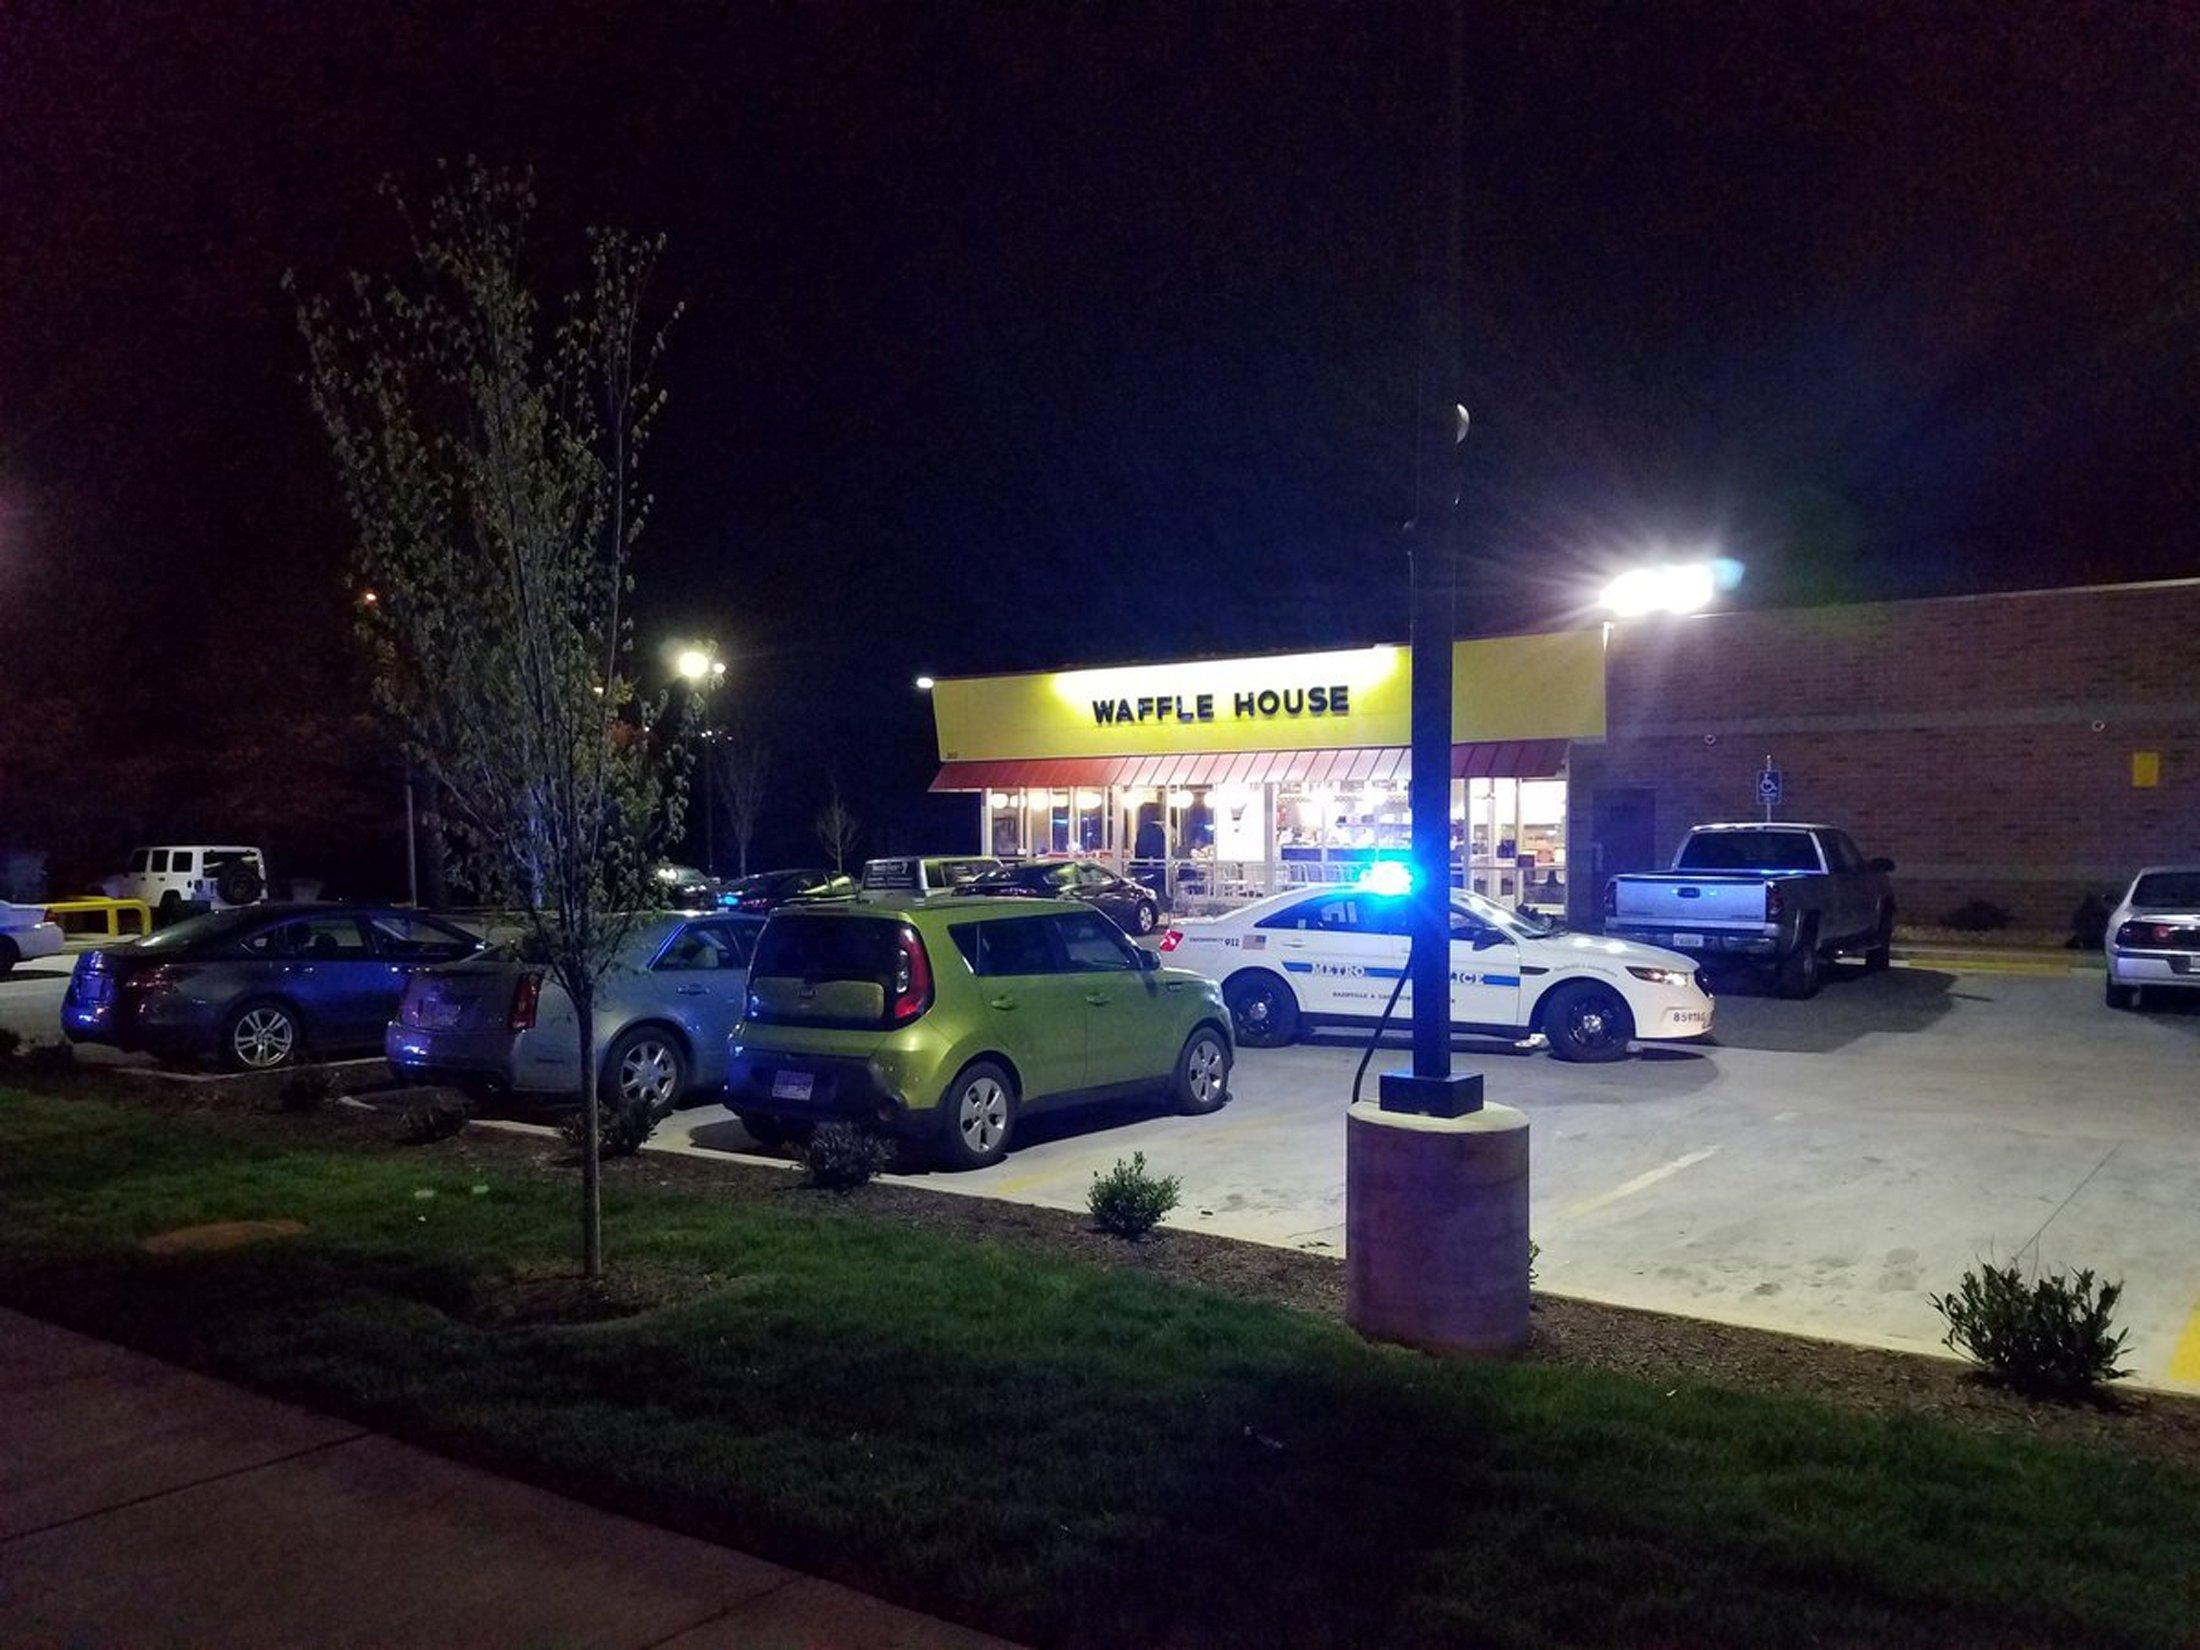 Carro de polícia estacionado em frente ao restaurante Waffle House, que foi alvo de tiroteio em Nashville, nos EUA